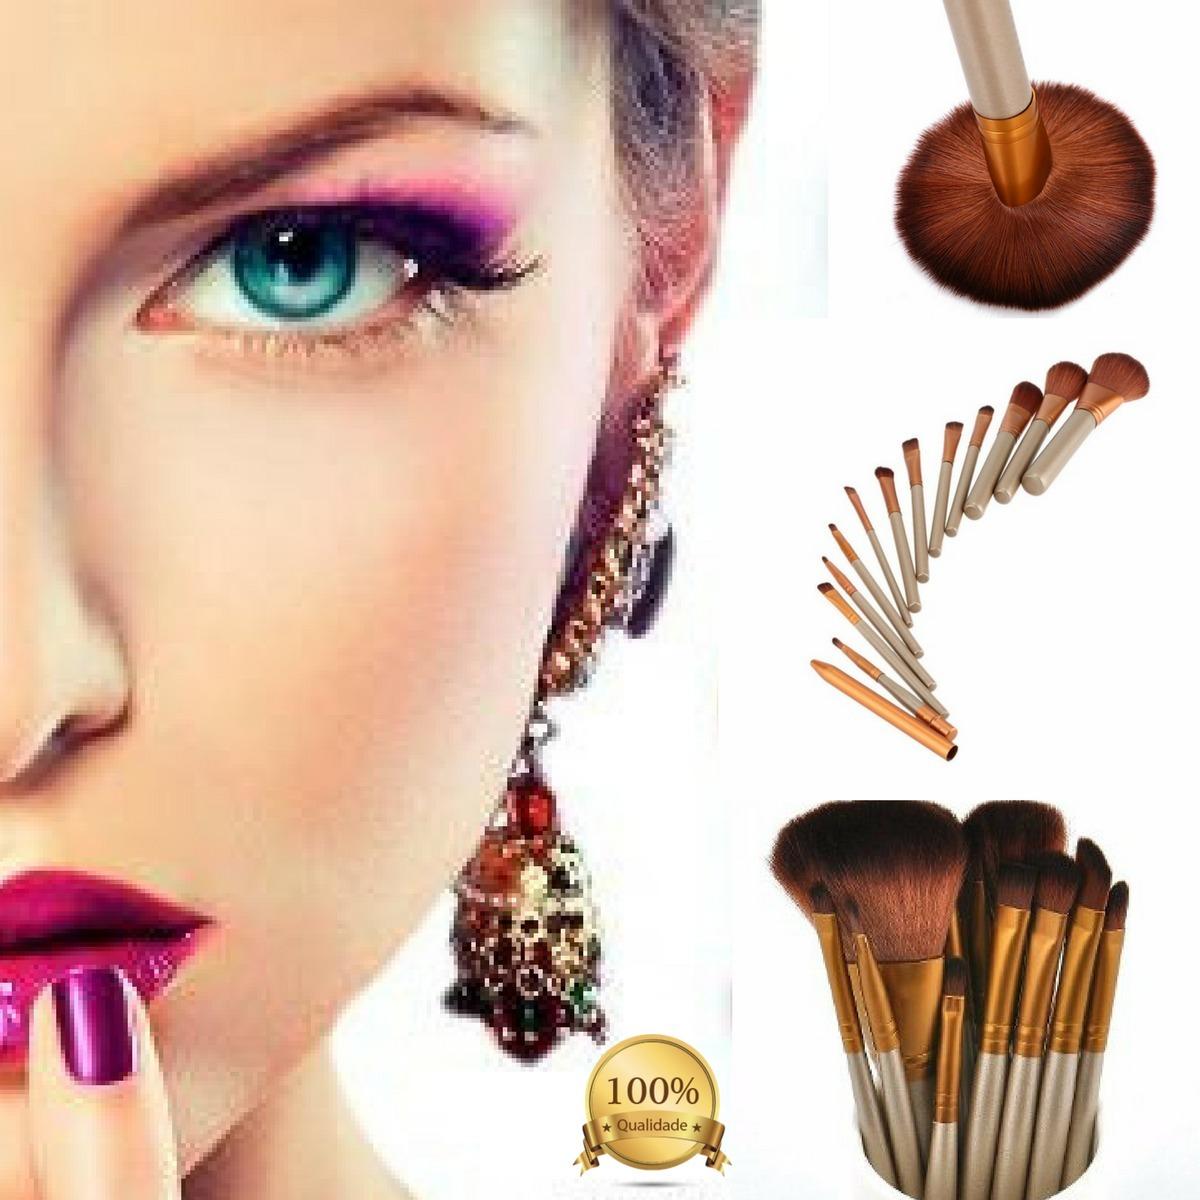 ecd91dde37985 2 kits de12 pinceis de maquiagem profissionais muito barat. Carregando zoom.